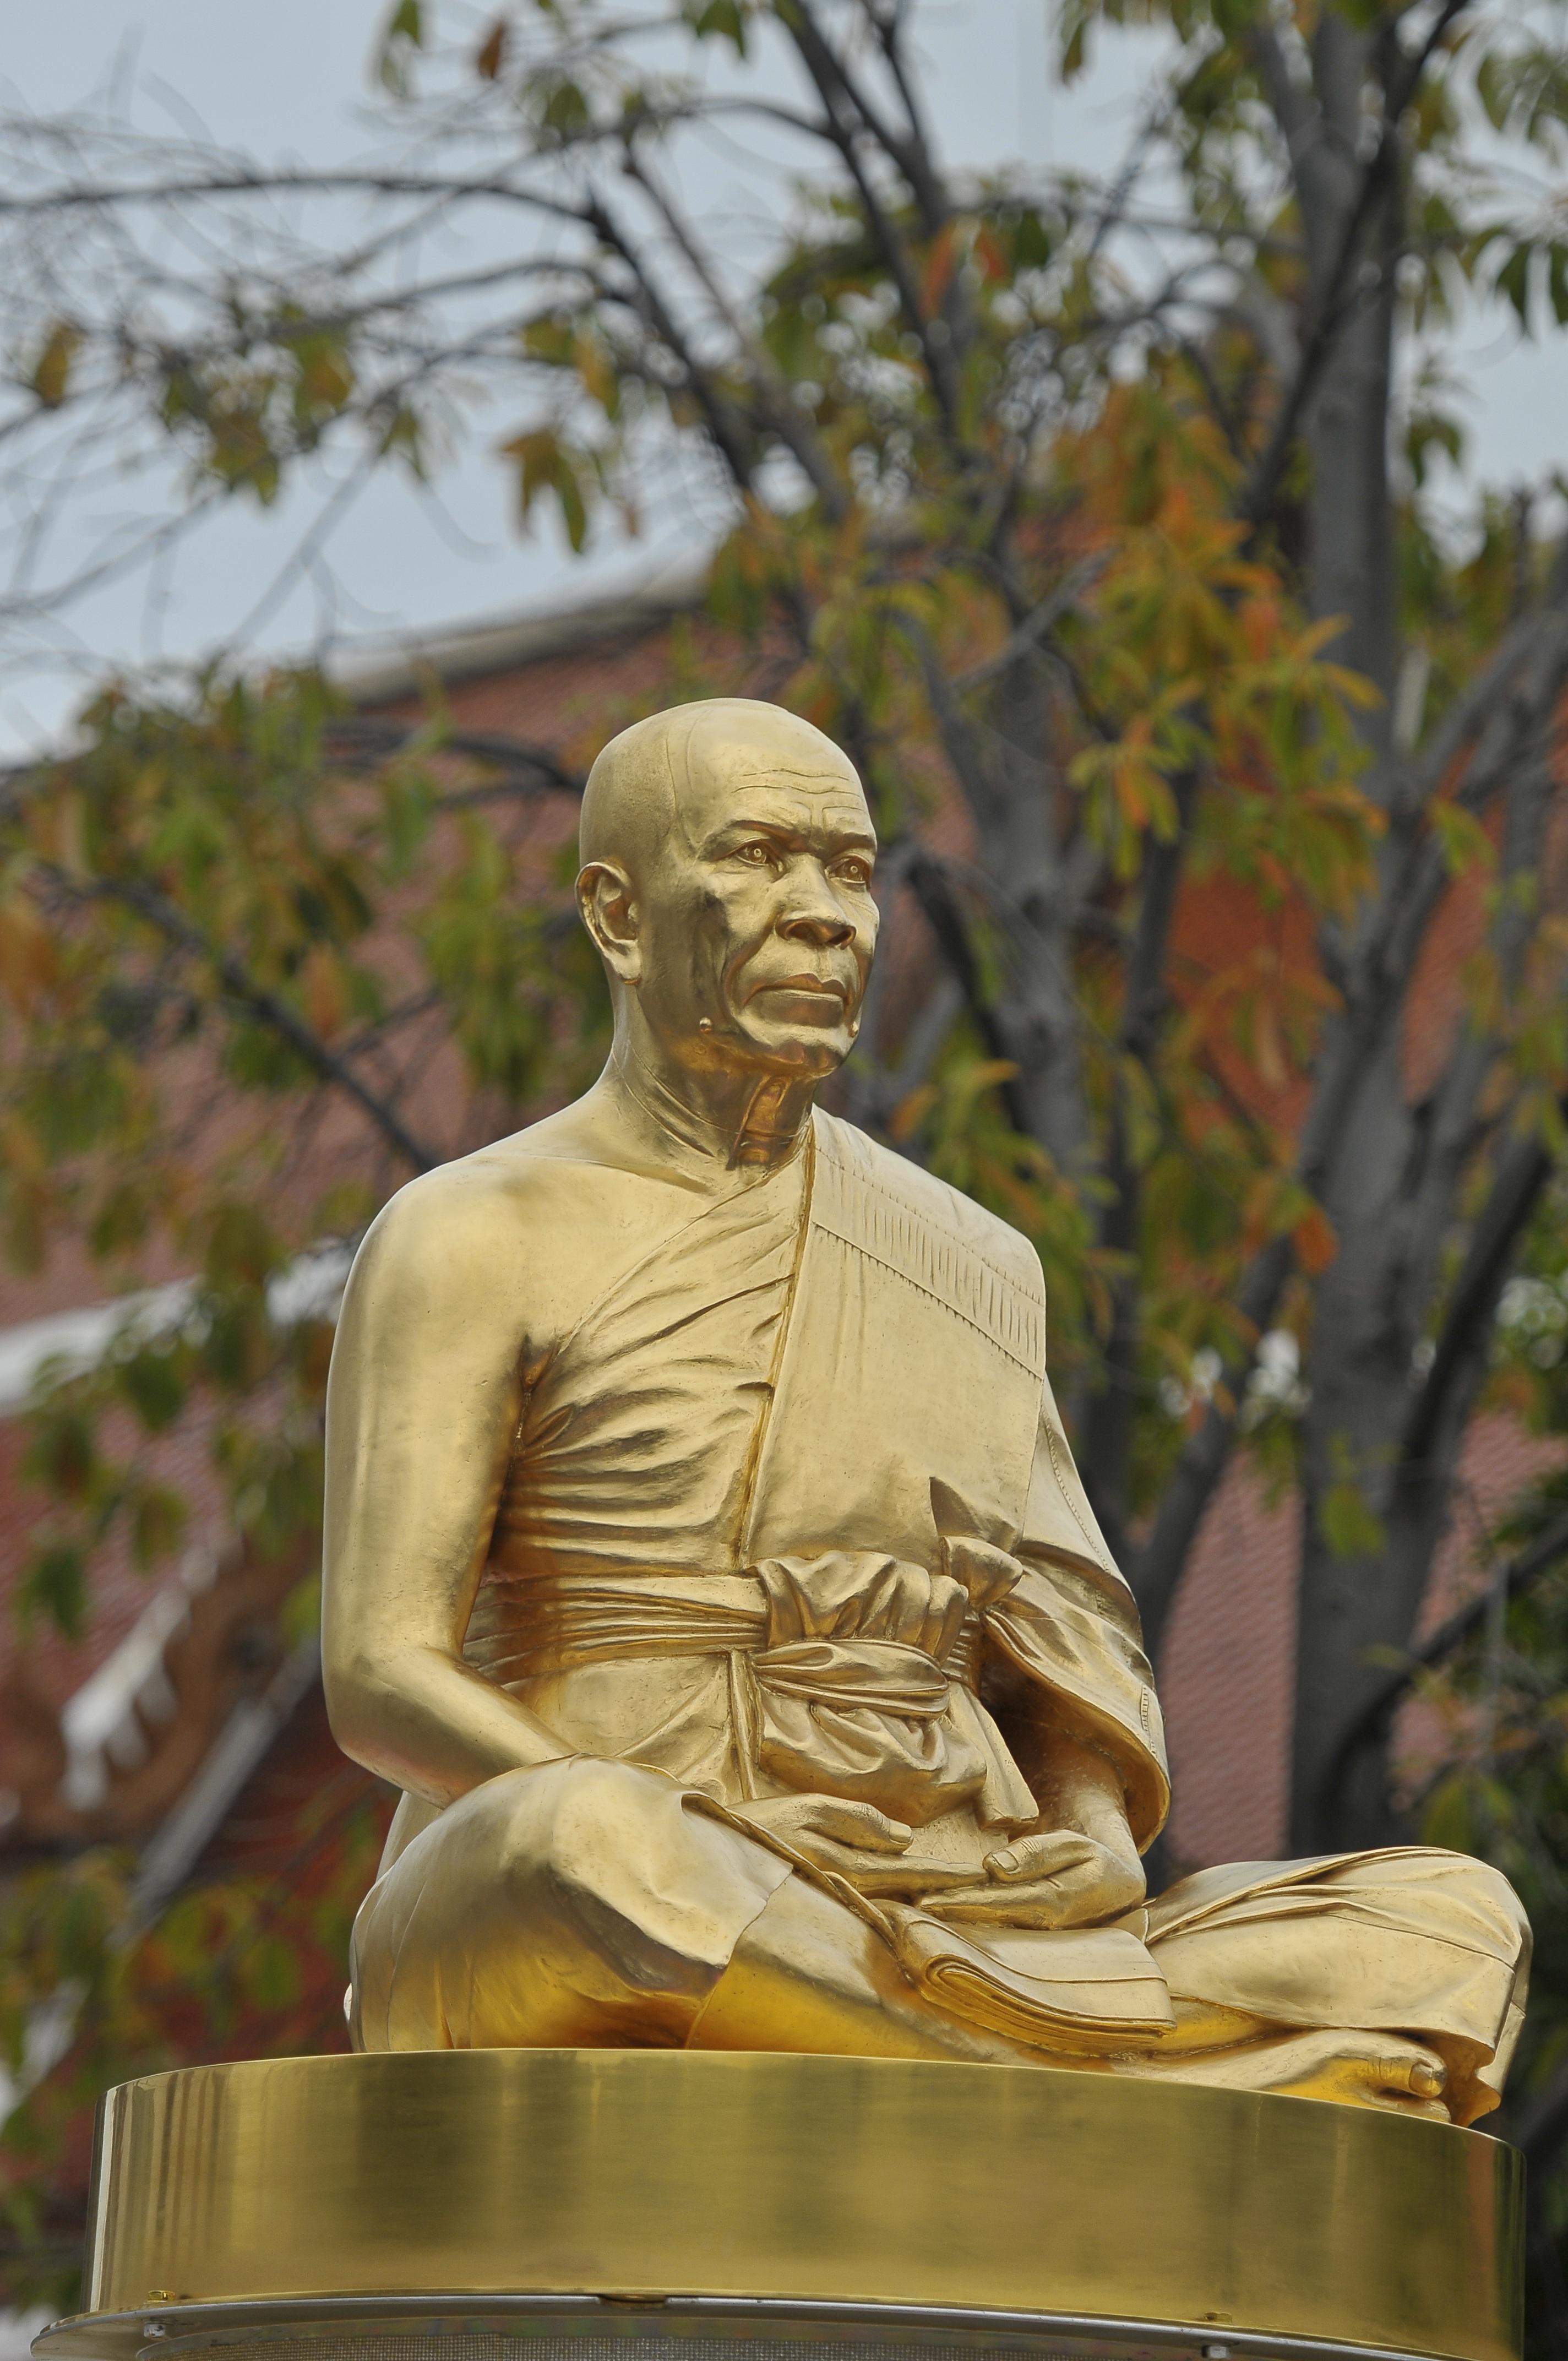 Gambar : Monumen, Asia, duduk, biarawan, merenungkan, agama